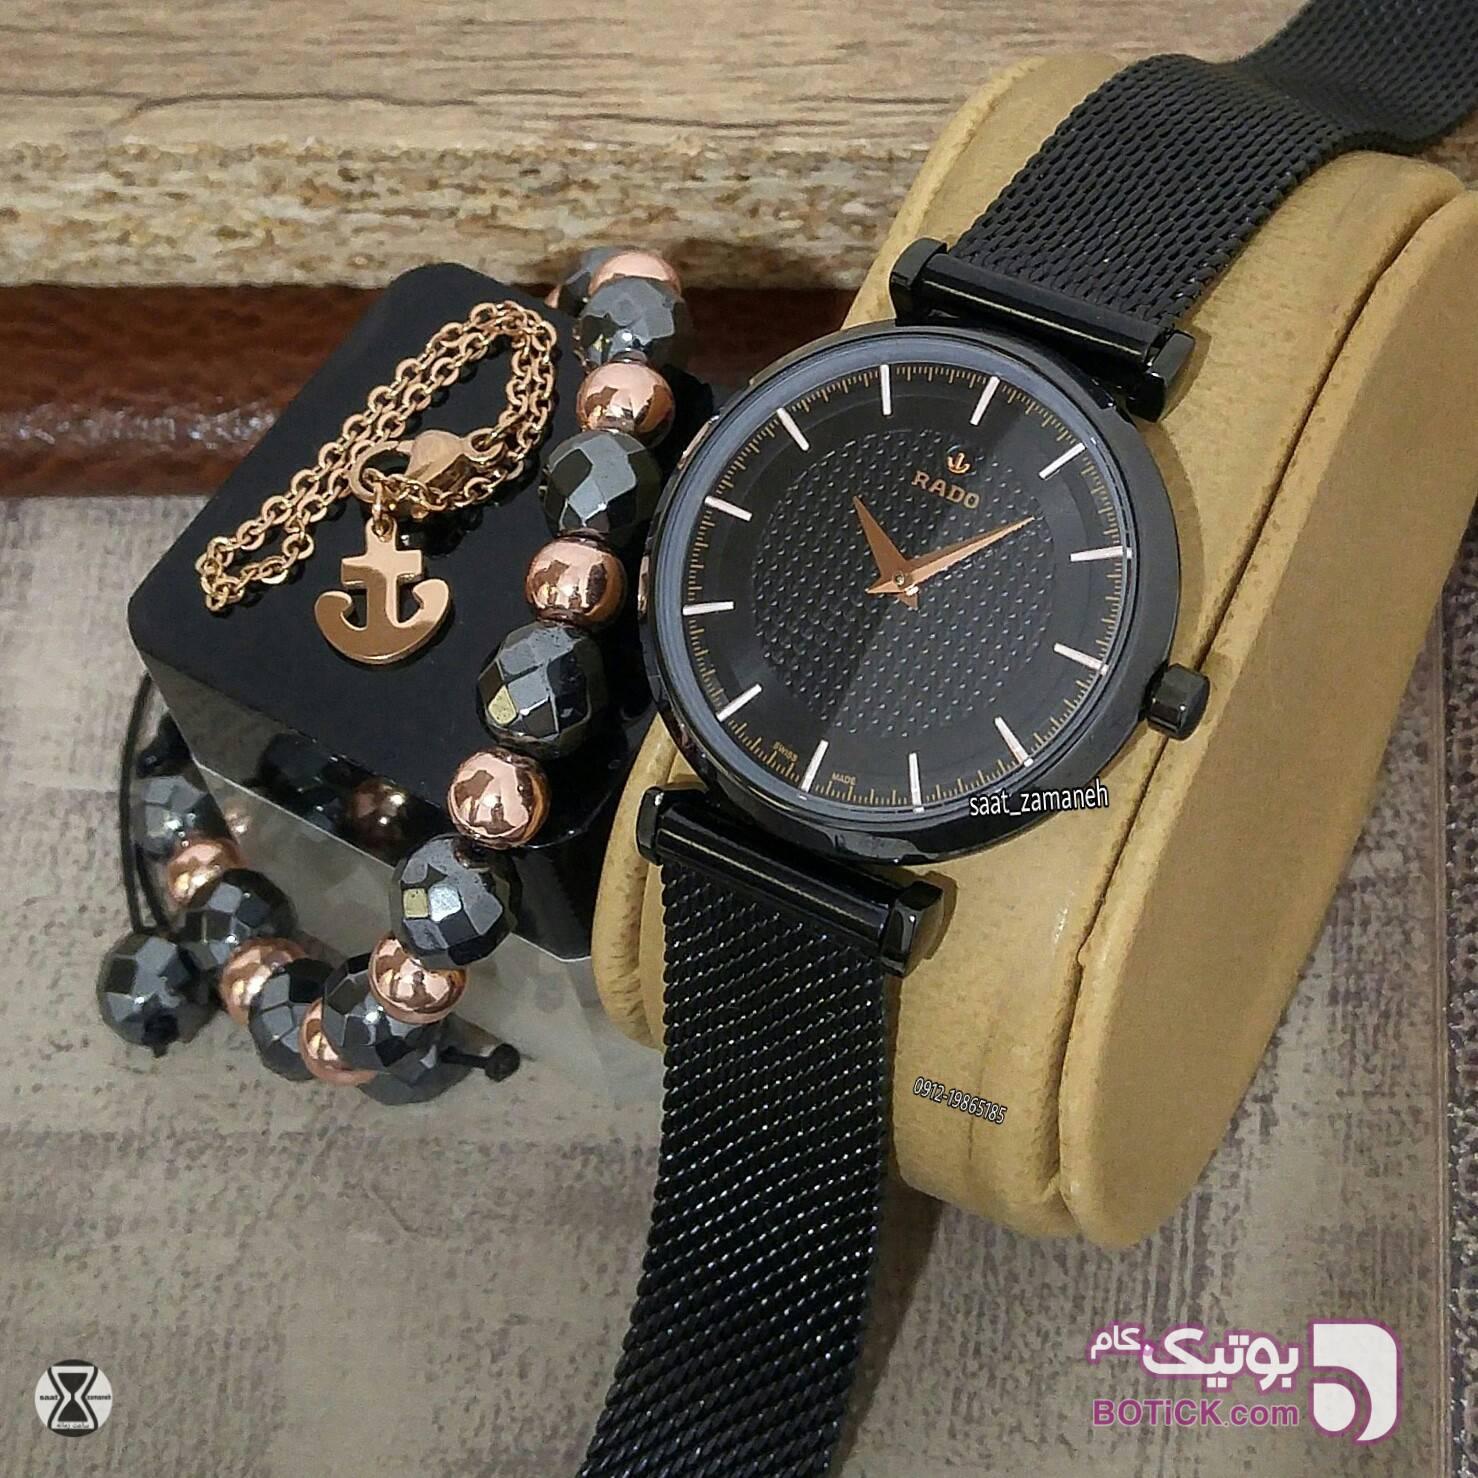 RADO ست زنانه/مردانه مشکی ساعت